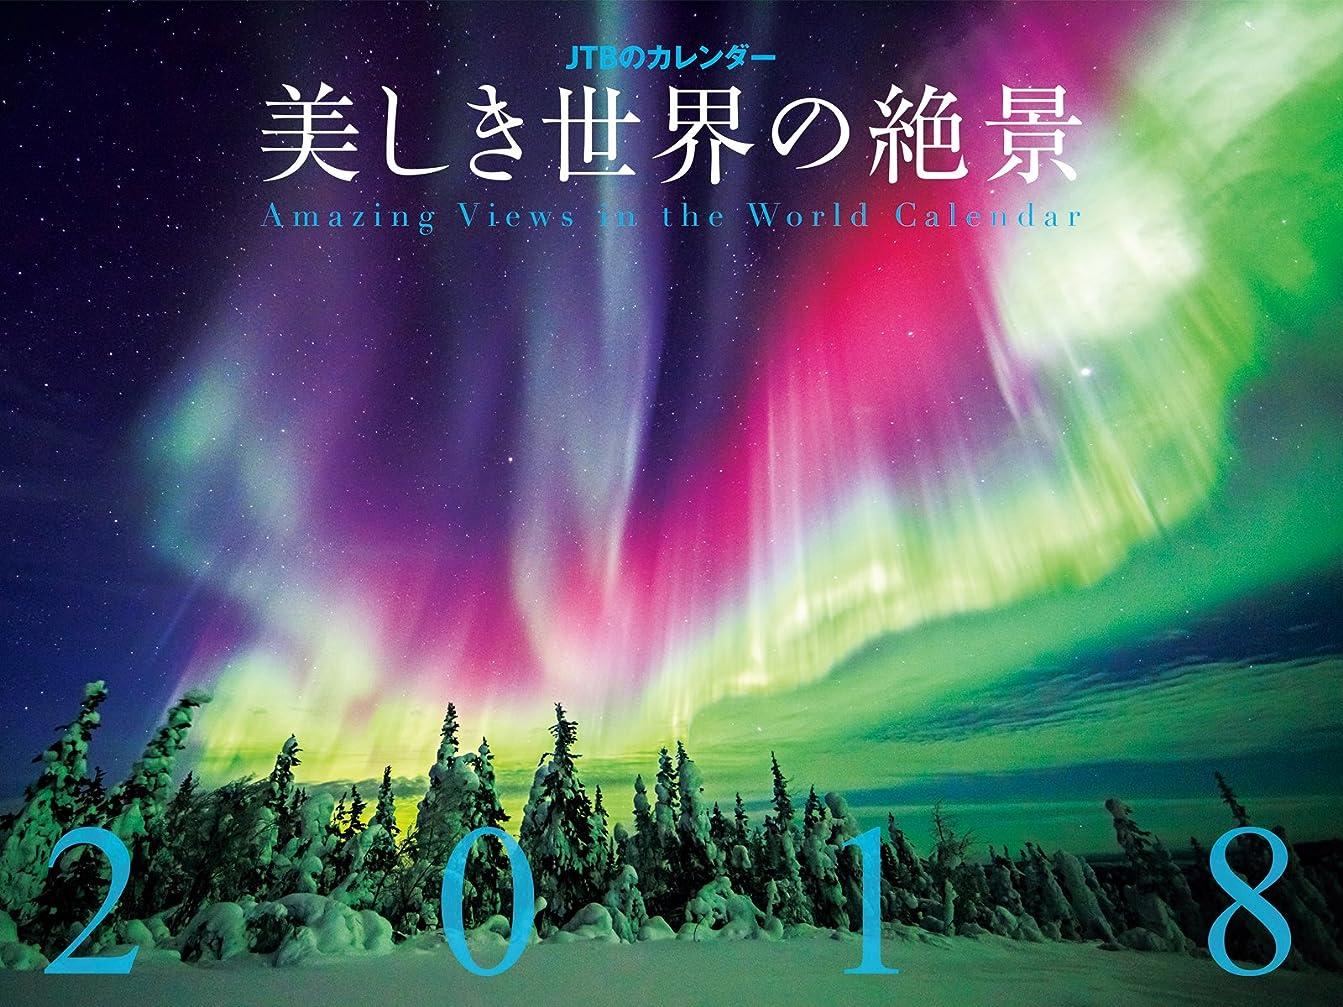 最小化するわざわざ空のJTBのカレンダー 美しき世界の絶景2018 ([カレンダー])